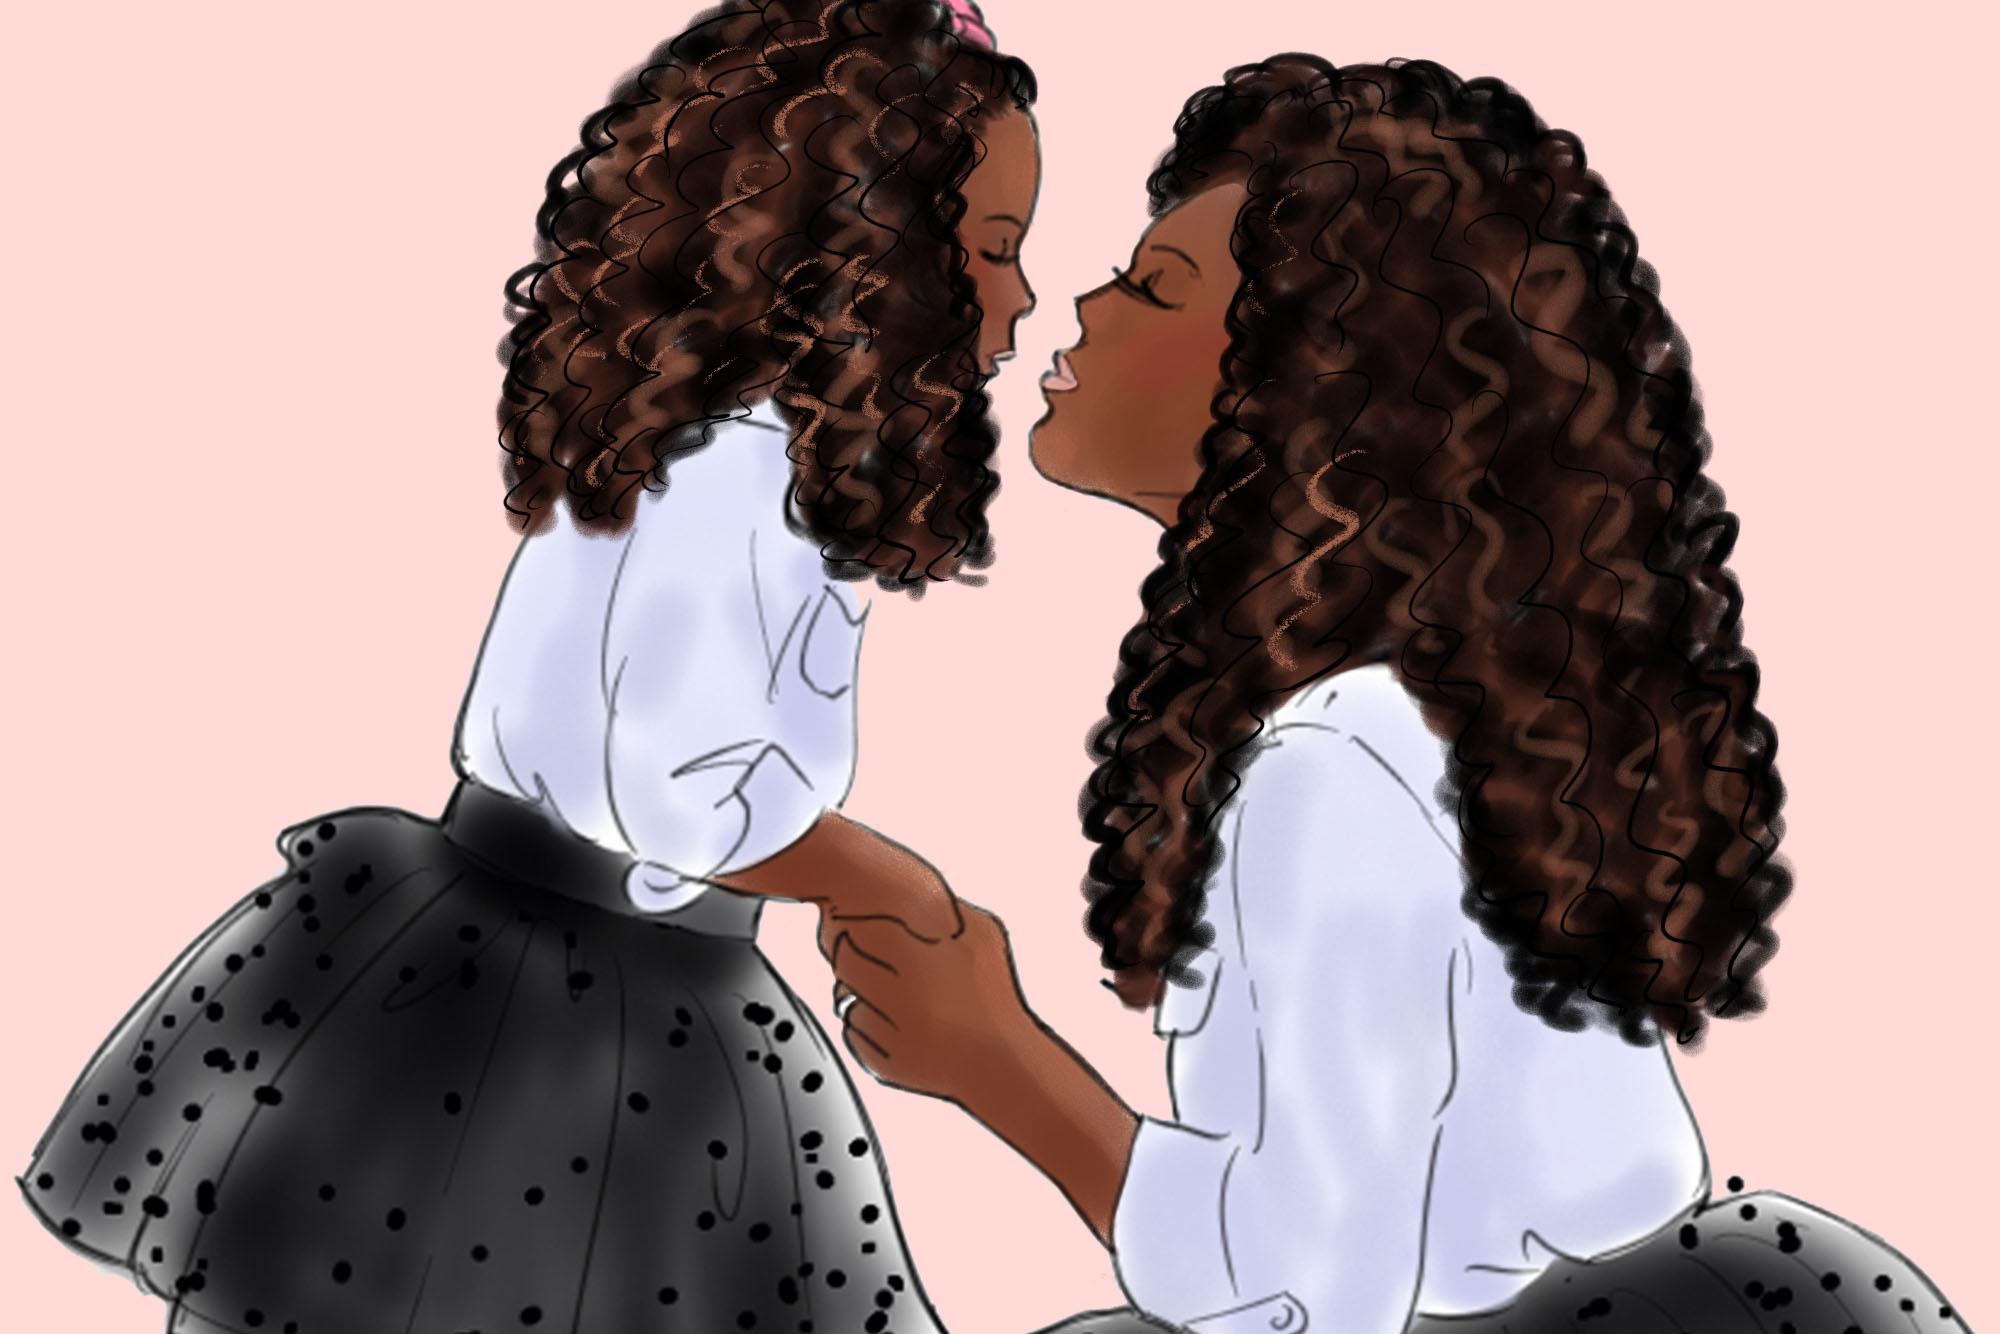 Fashion illustration - Mommy & Me 1 - Dark Skin example image 2